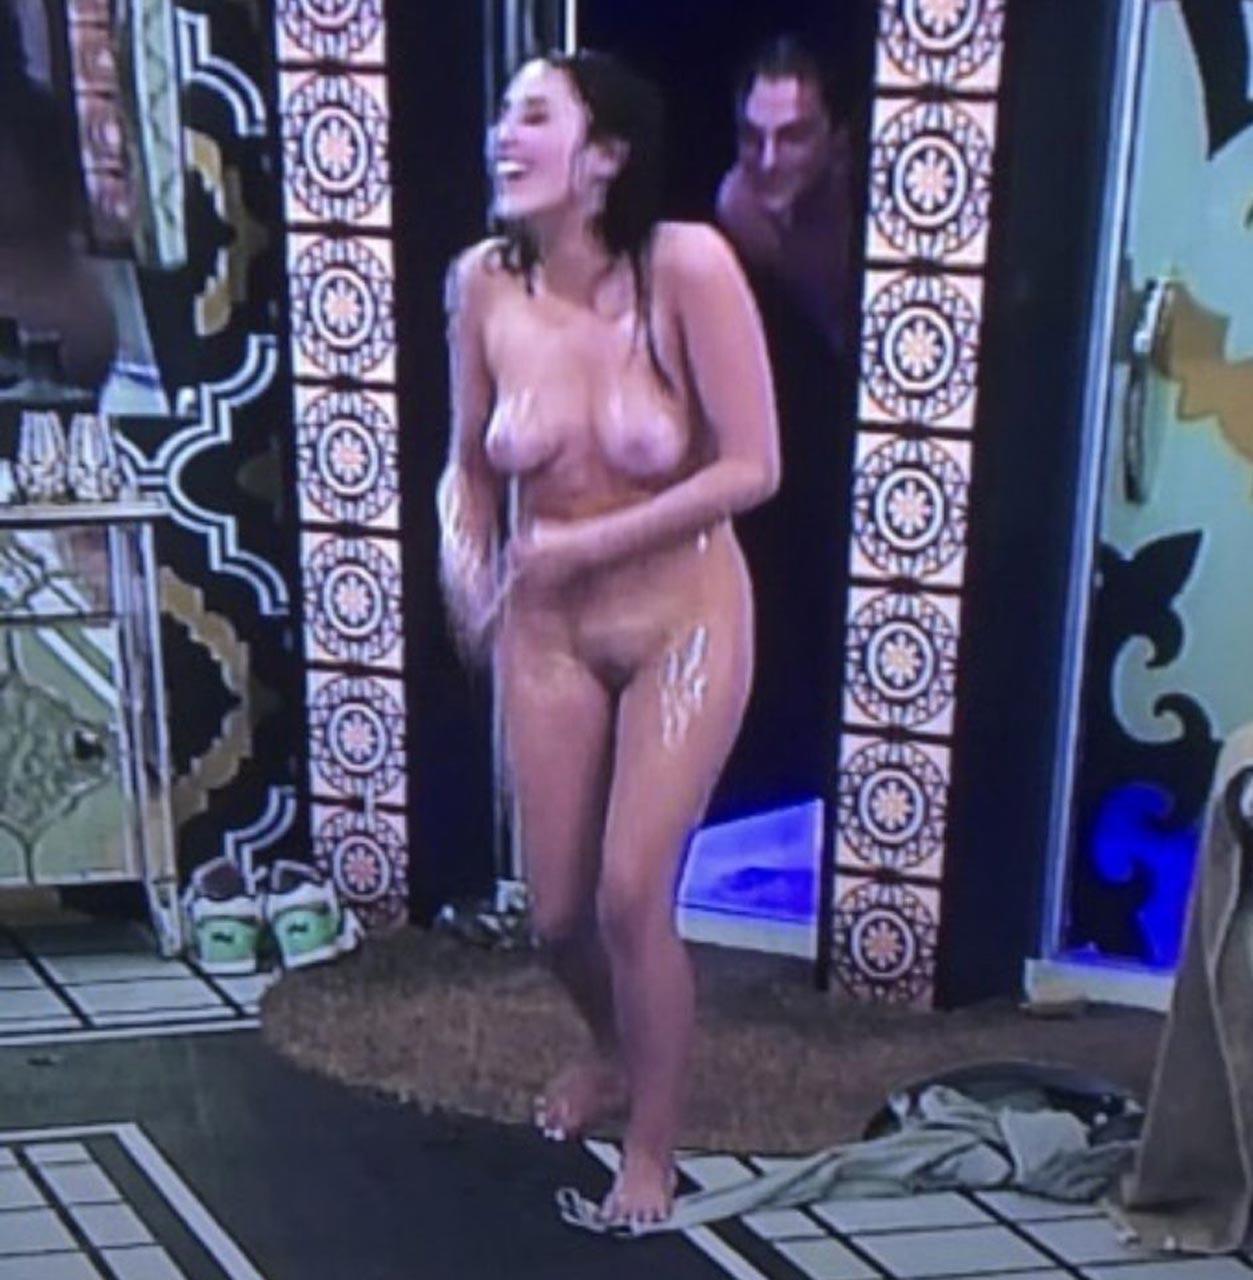 Geordie Shore Naked Pictures drunk geordie shore's star marnie simpson nude & upskirt